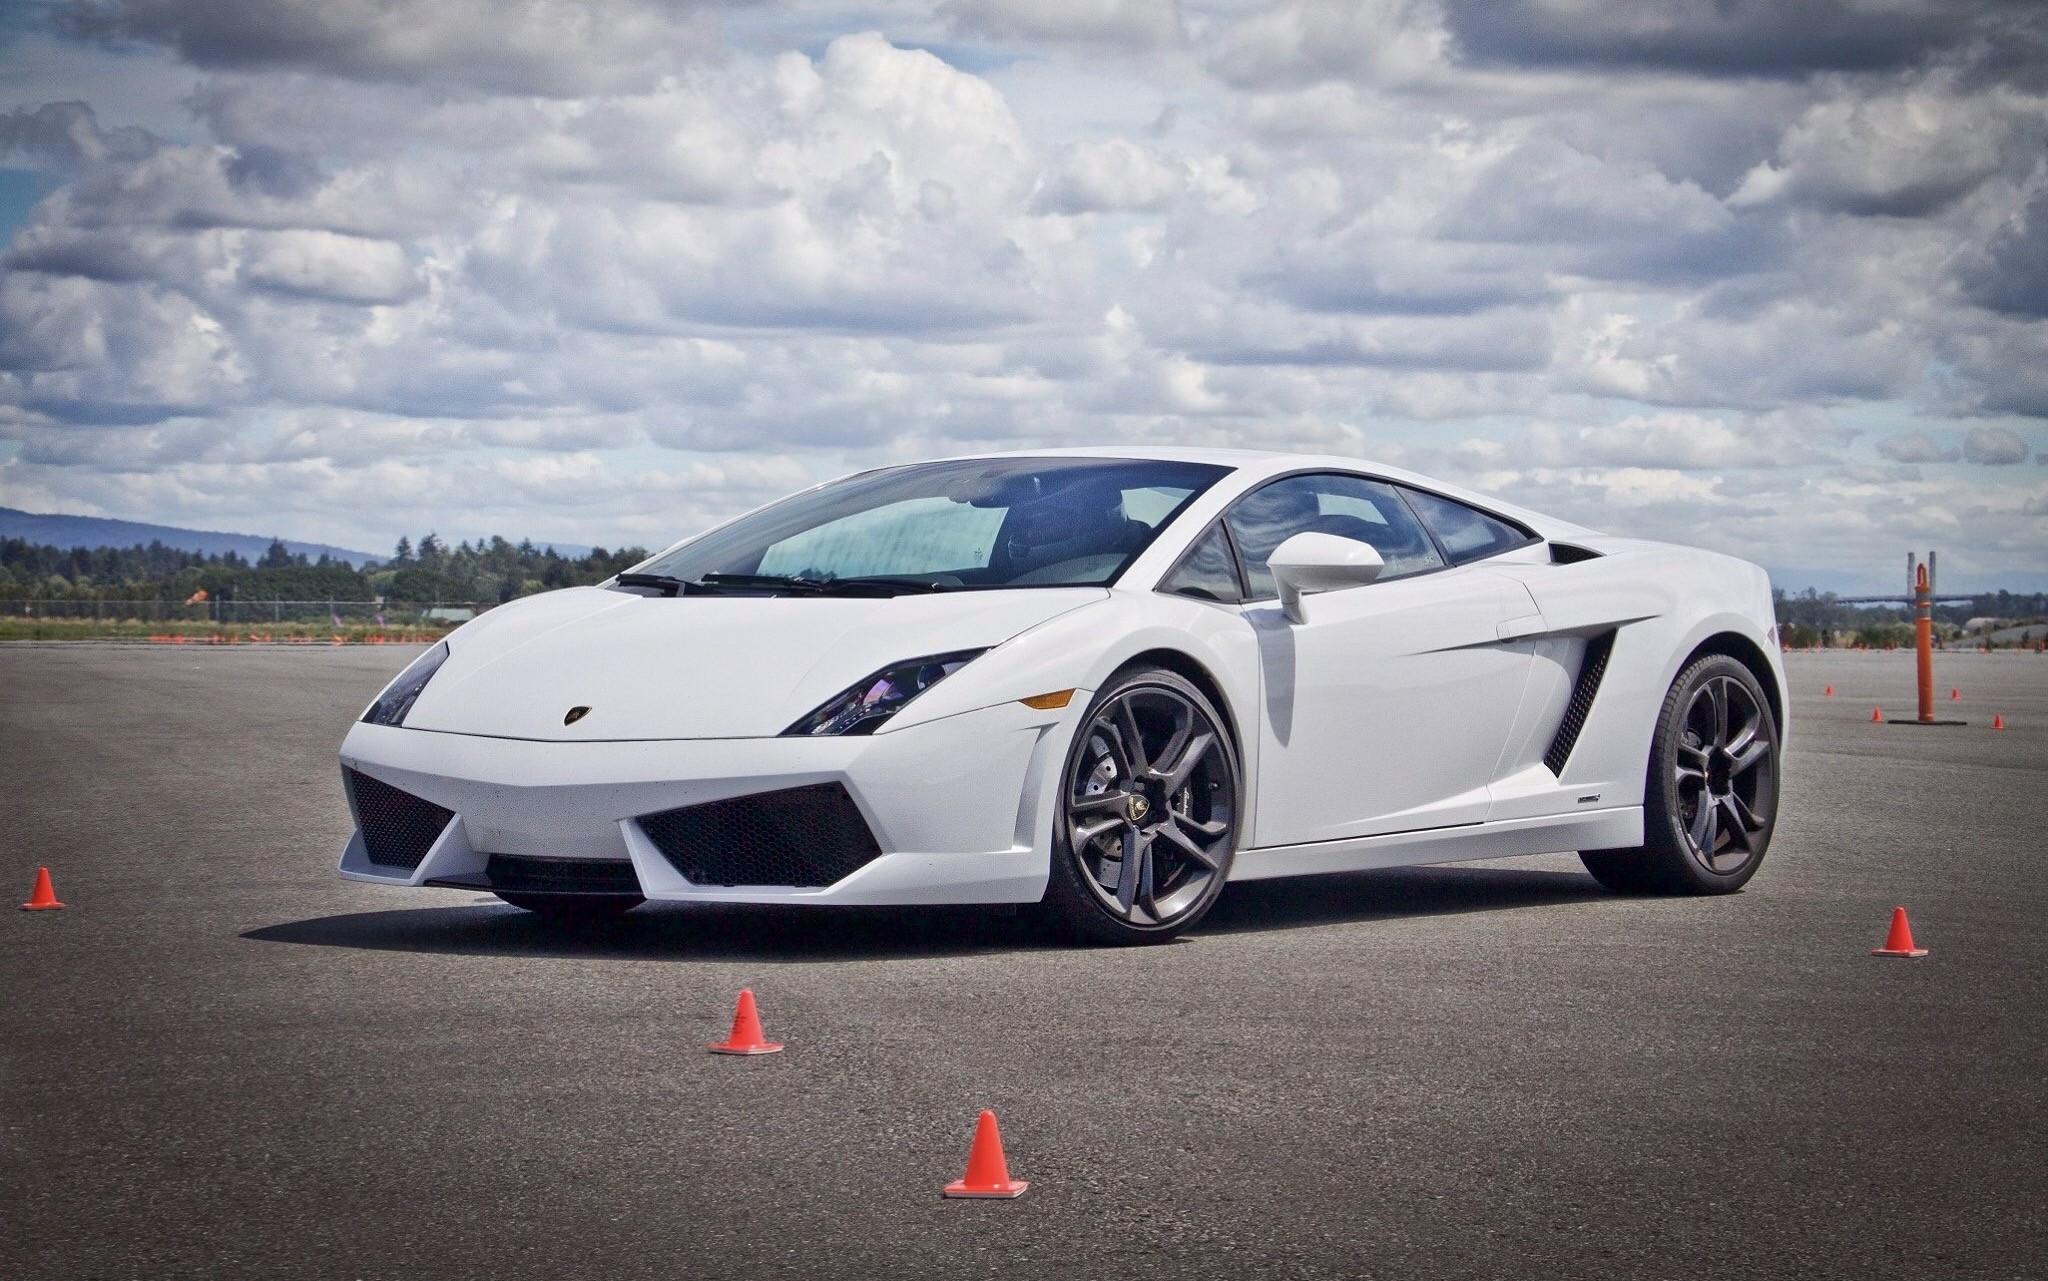 Drive A Lamborghini Gallardo Or Nissan Gt R On An Airplane Runway